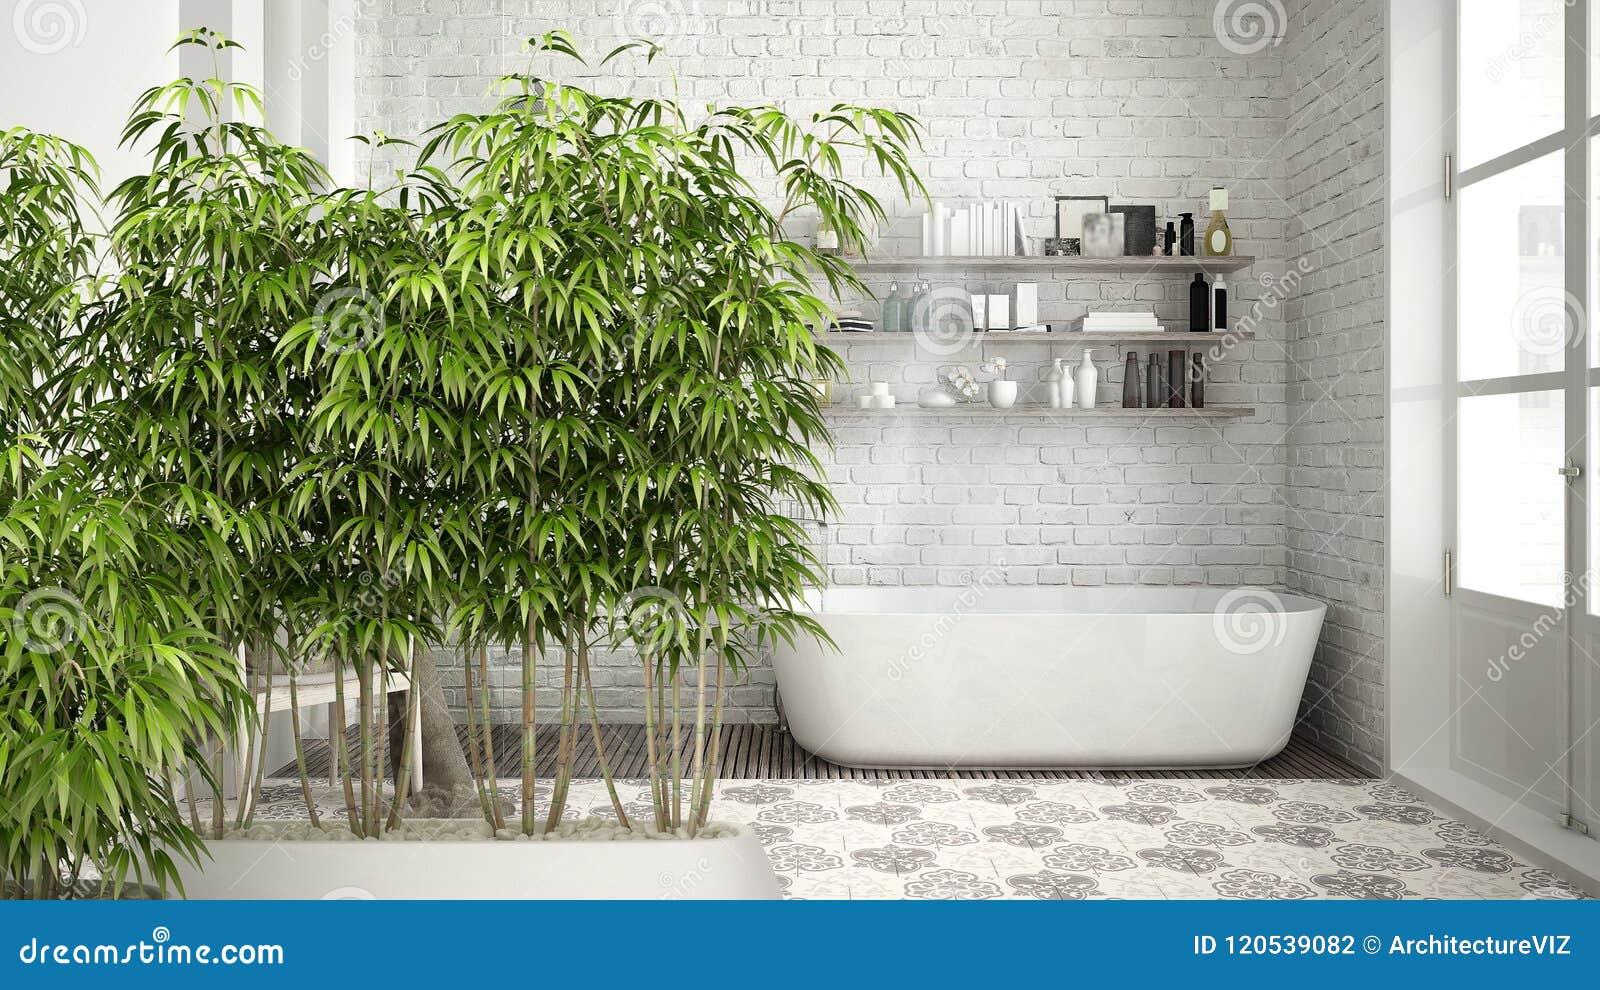 Интерьер с в горшке бамбуковым заводом, естественная конструктивная схема Дзэн дизайна интерьера, скандинавская ванная комната, к